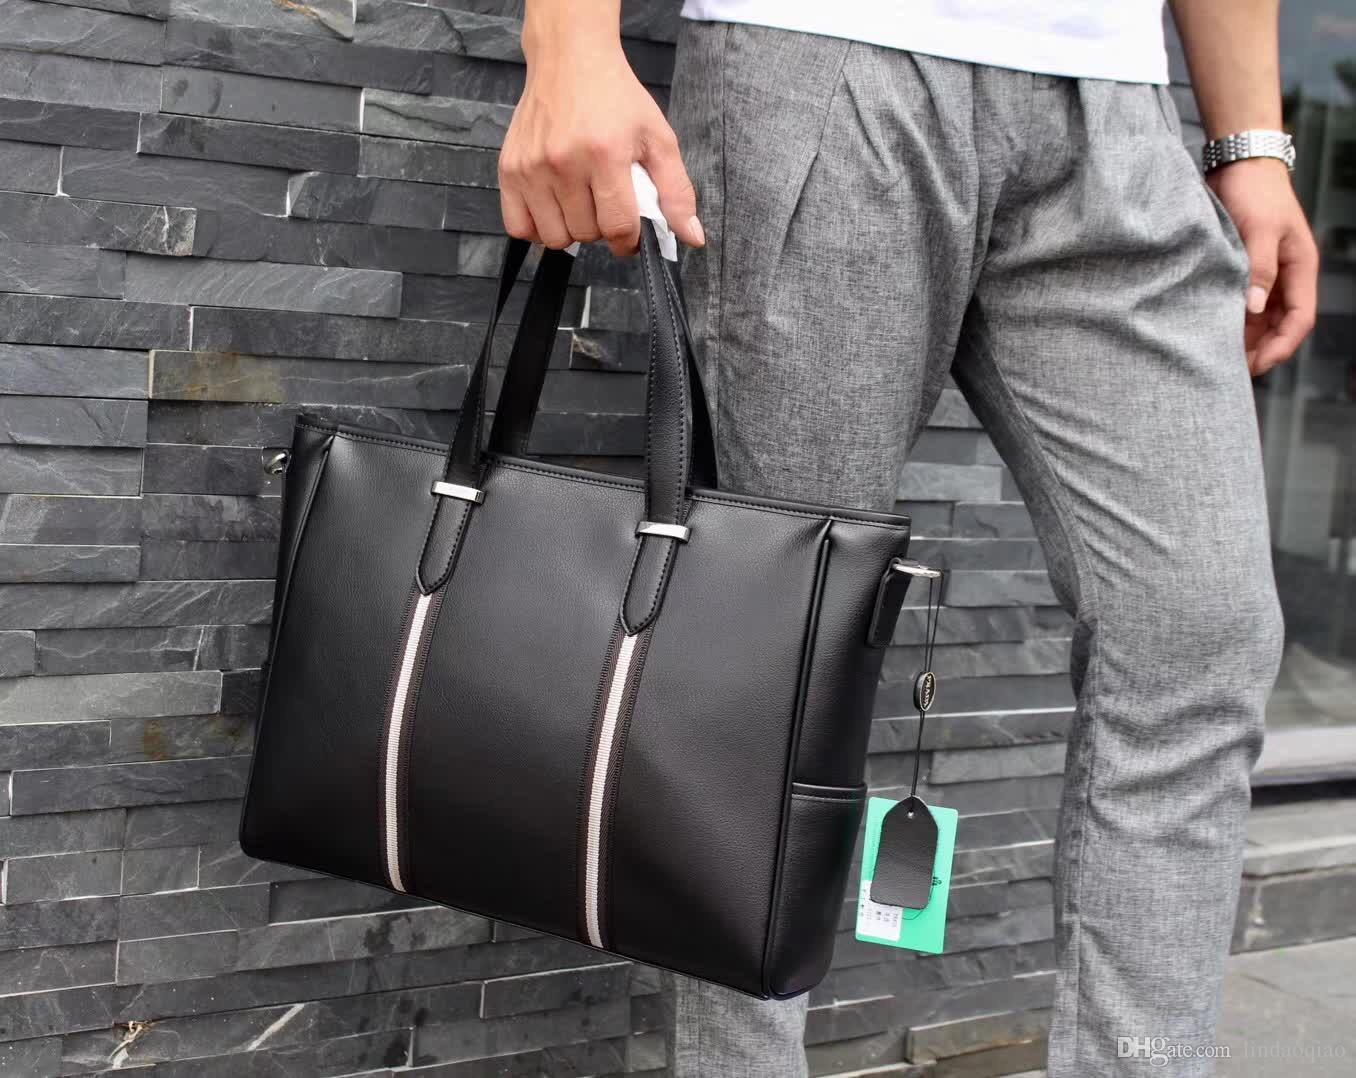 2019 новый дизайнер мужские бизнес-сумки из натуральной кожи мужская компьютерная сумка высокого Qaulity сумка дизайнер портфель большой размер сумка